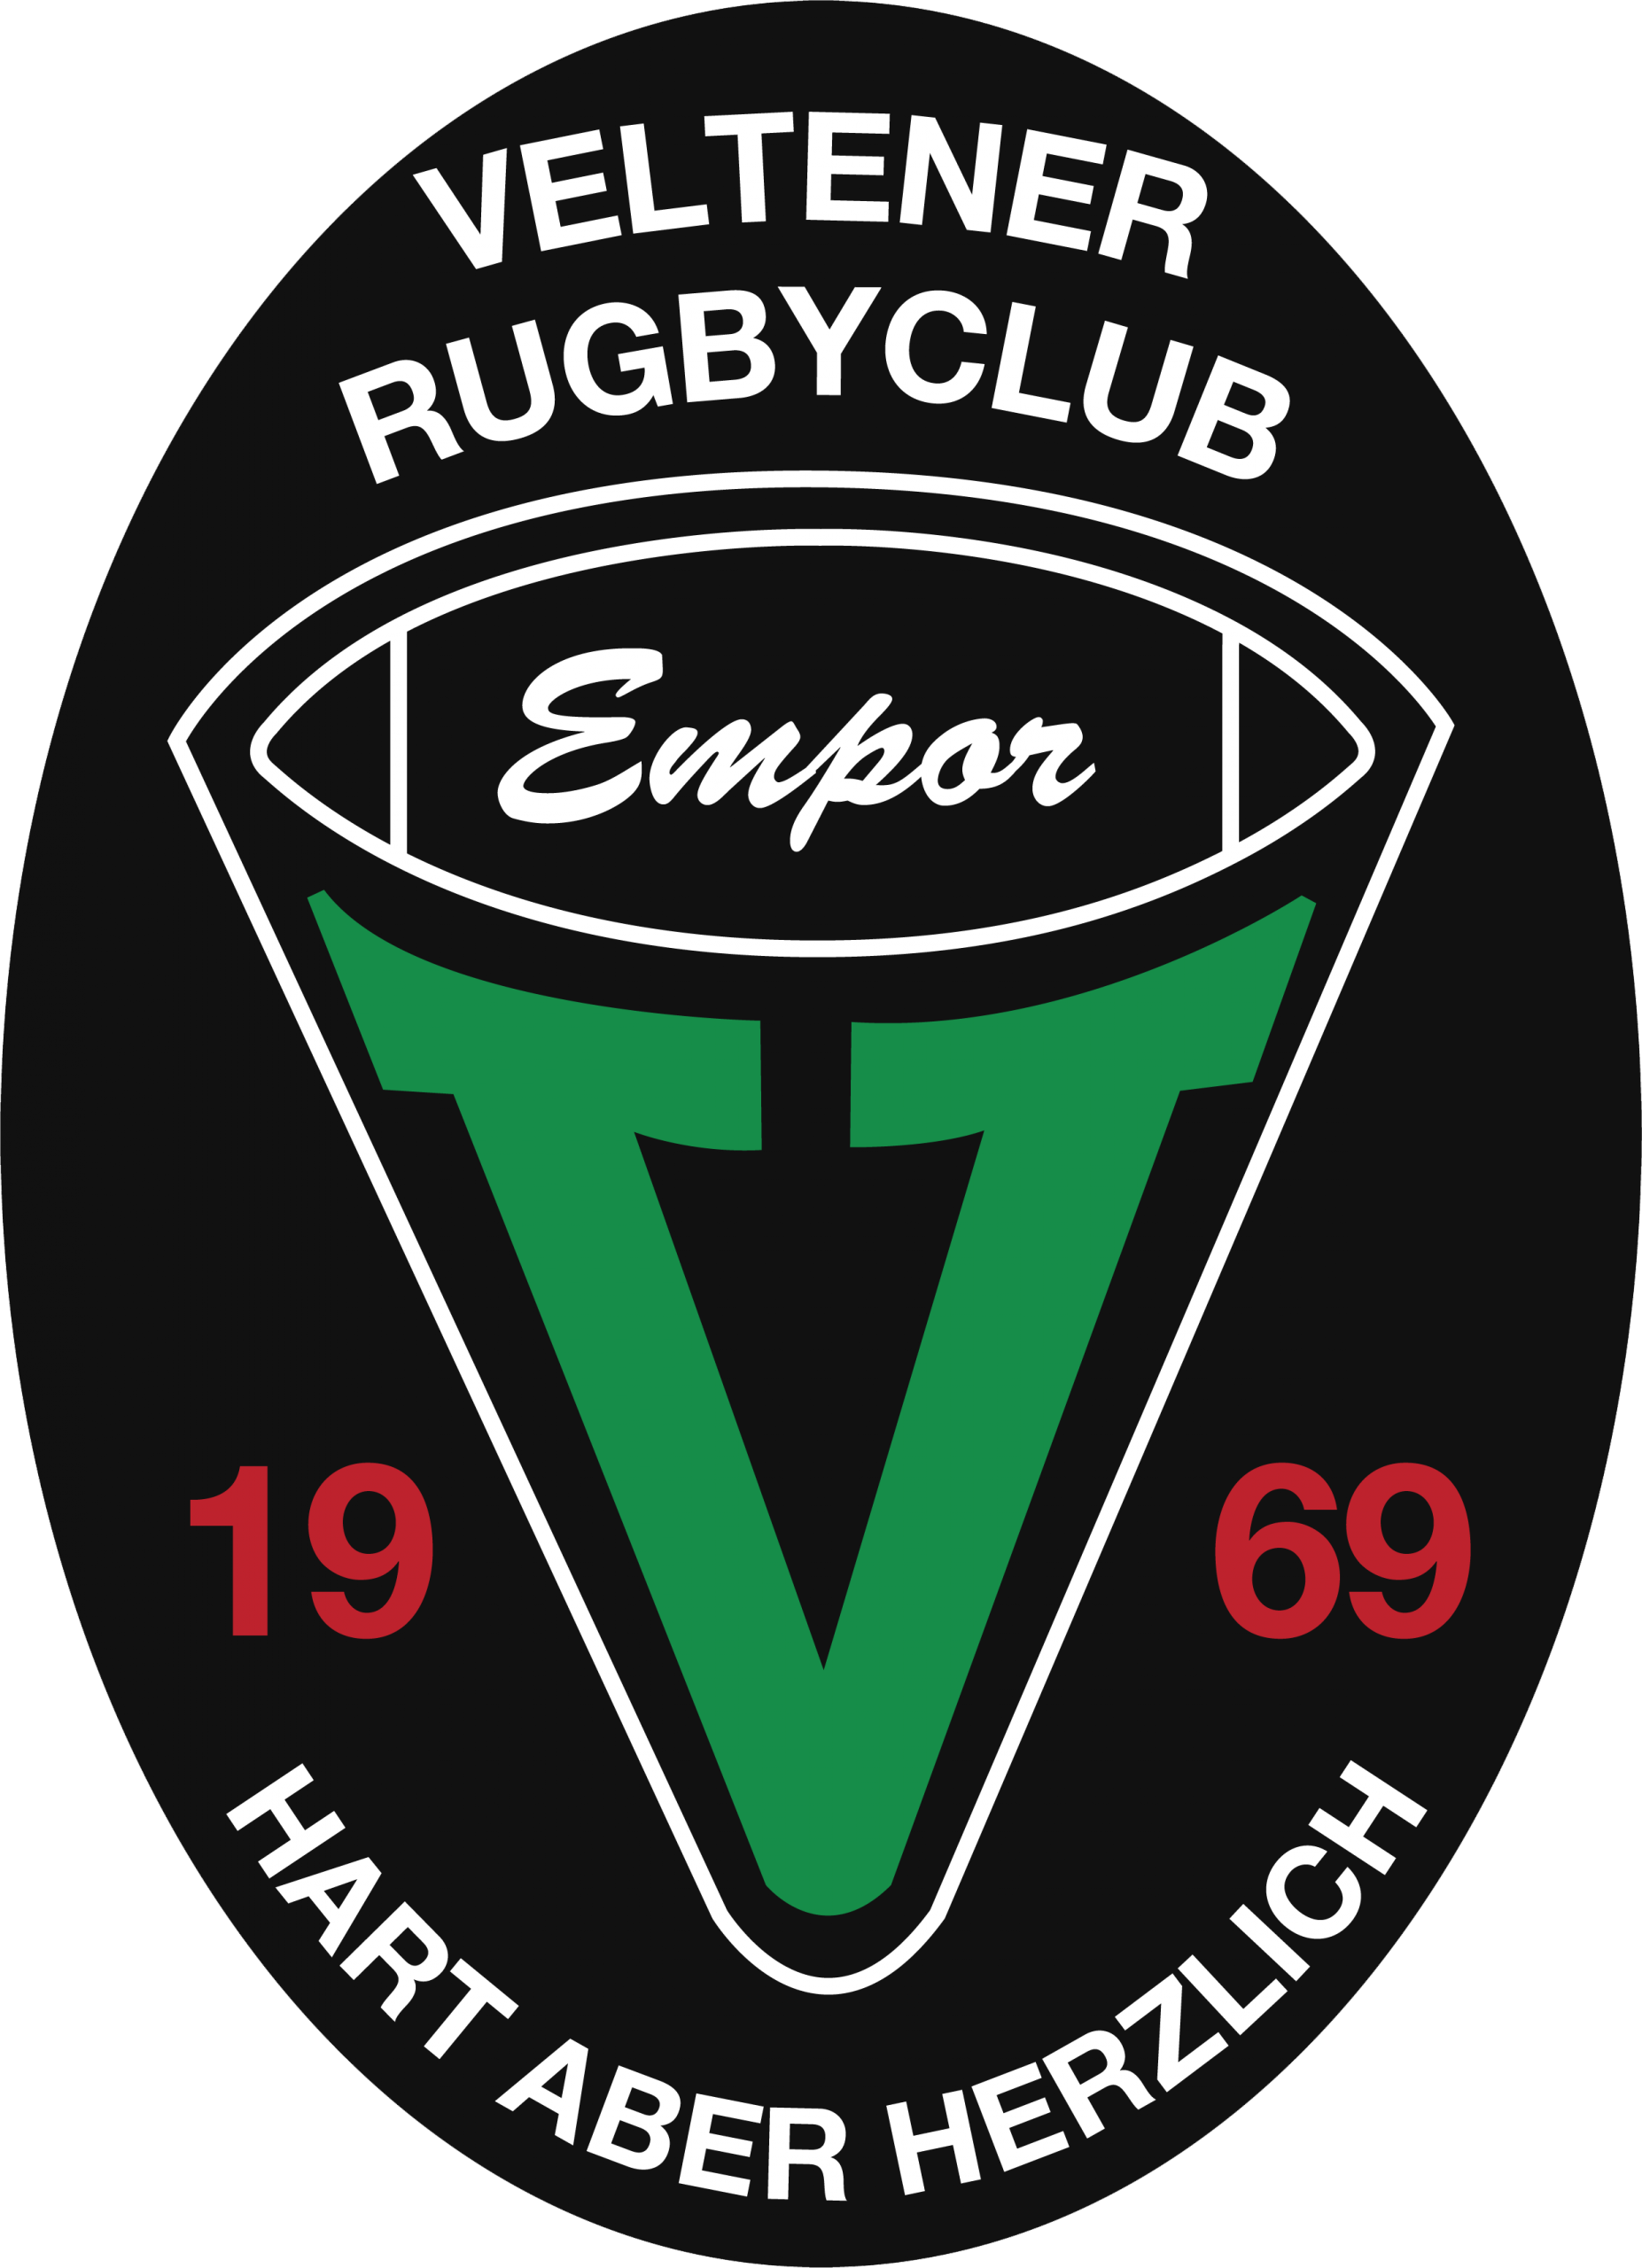 Veltener Rugbyclub